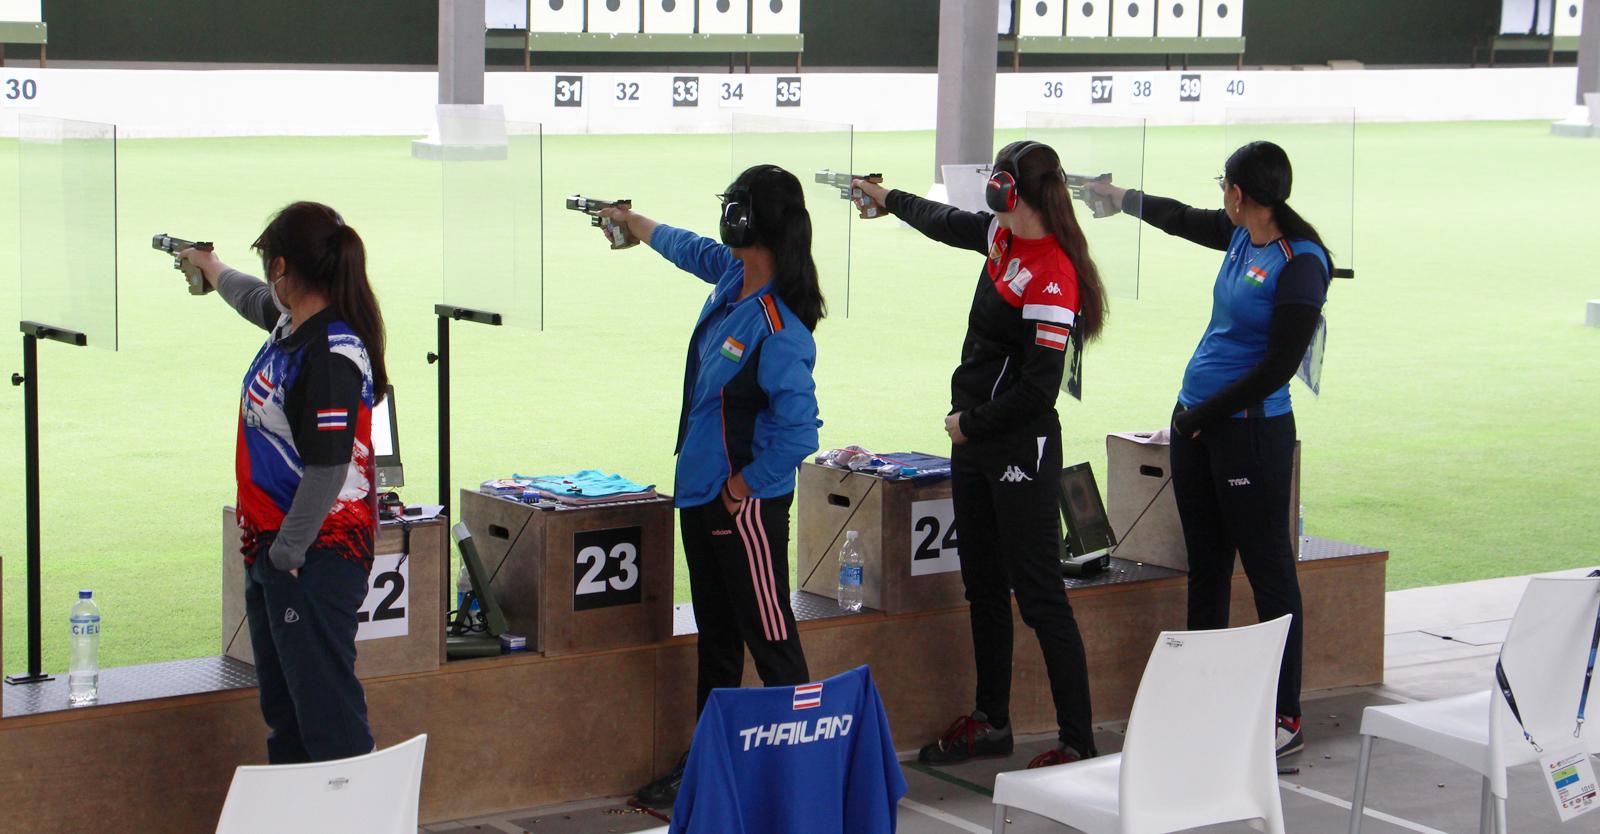 Ein guter Abschluss der Junioren-WM in Lima gelang Corina Gosch mit der 25m-Standardpistole © Margit Melmer, ÖSB